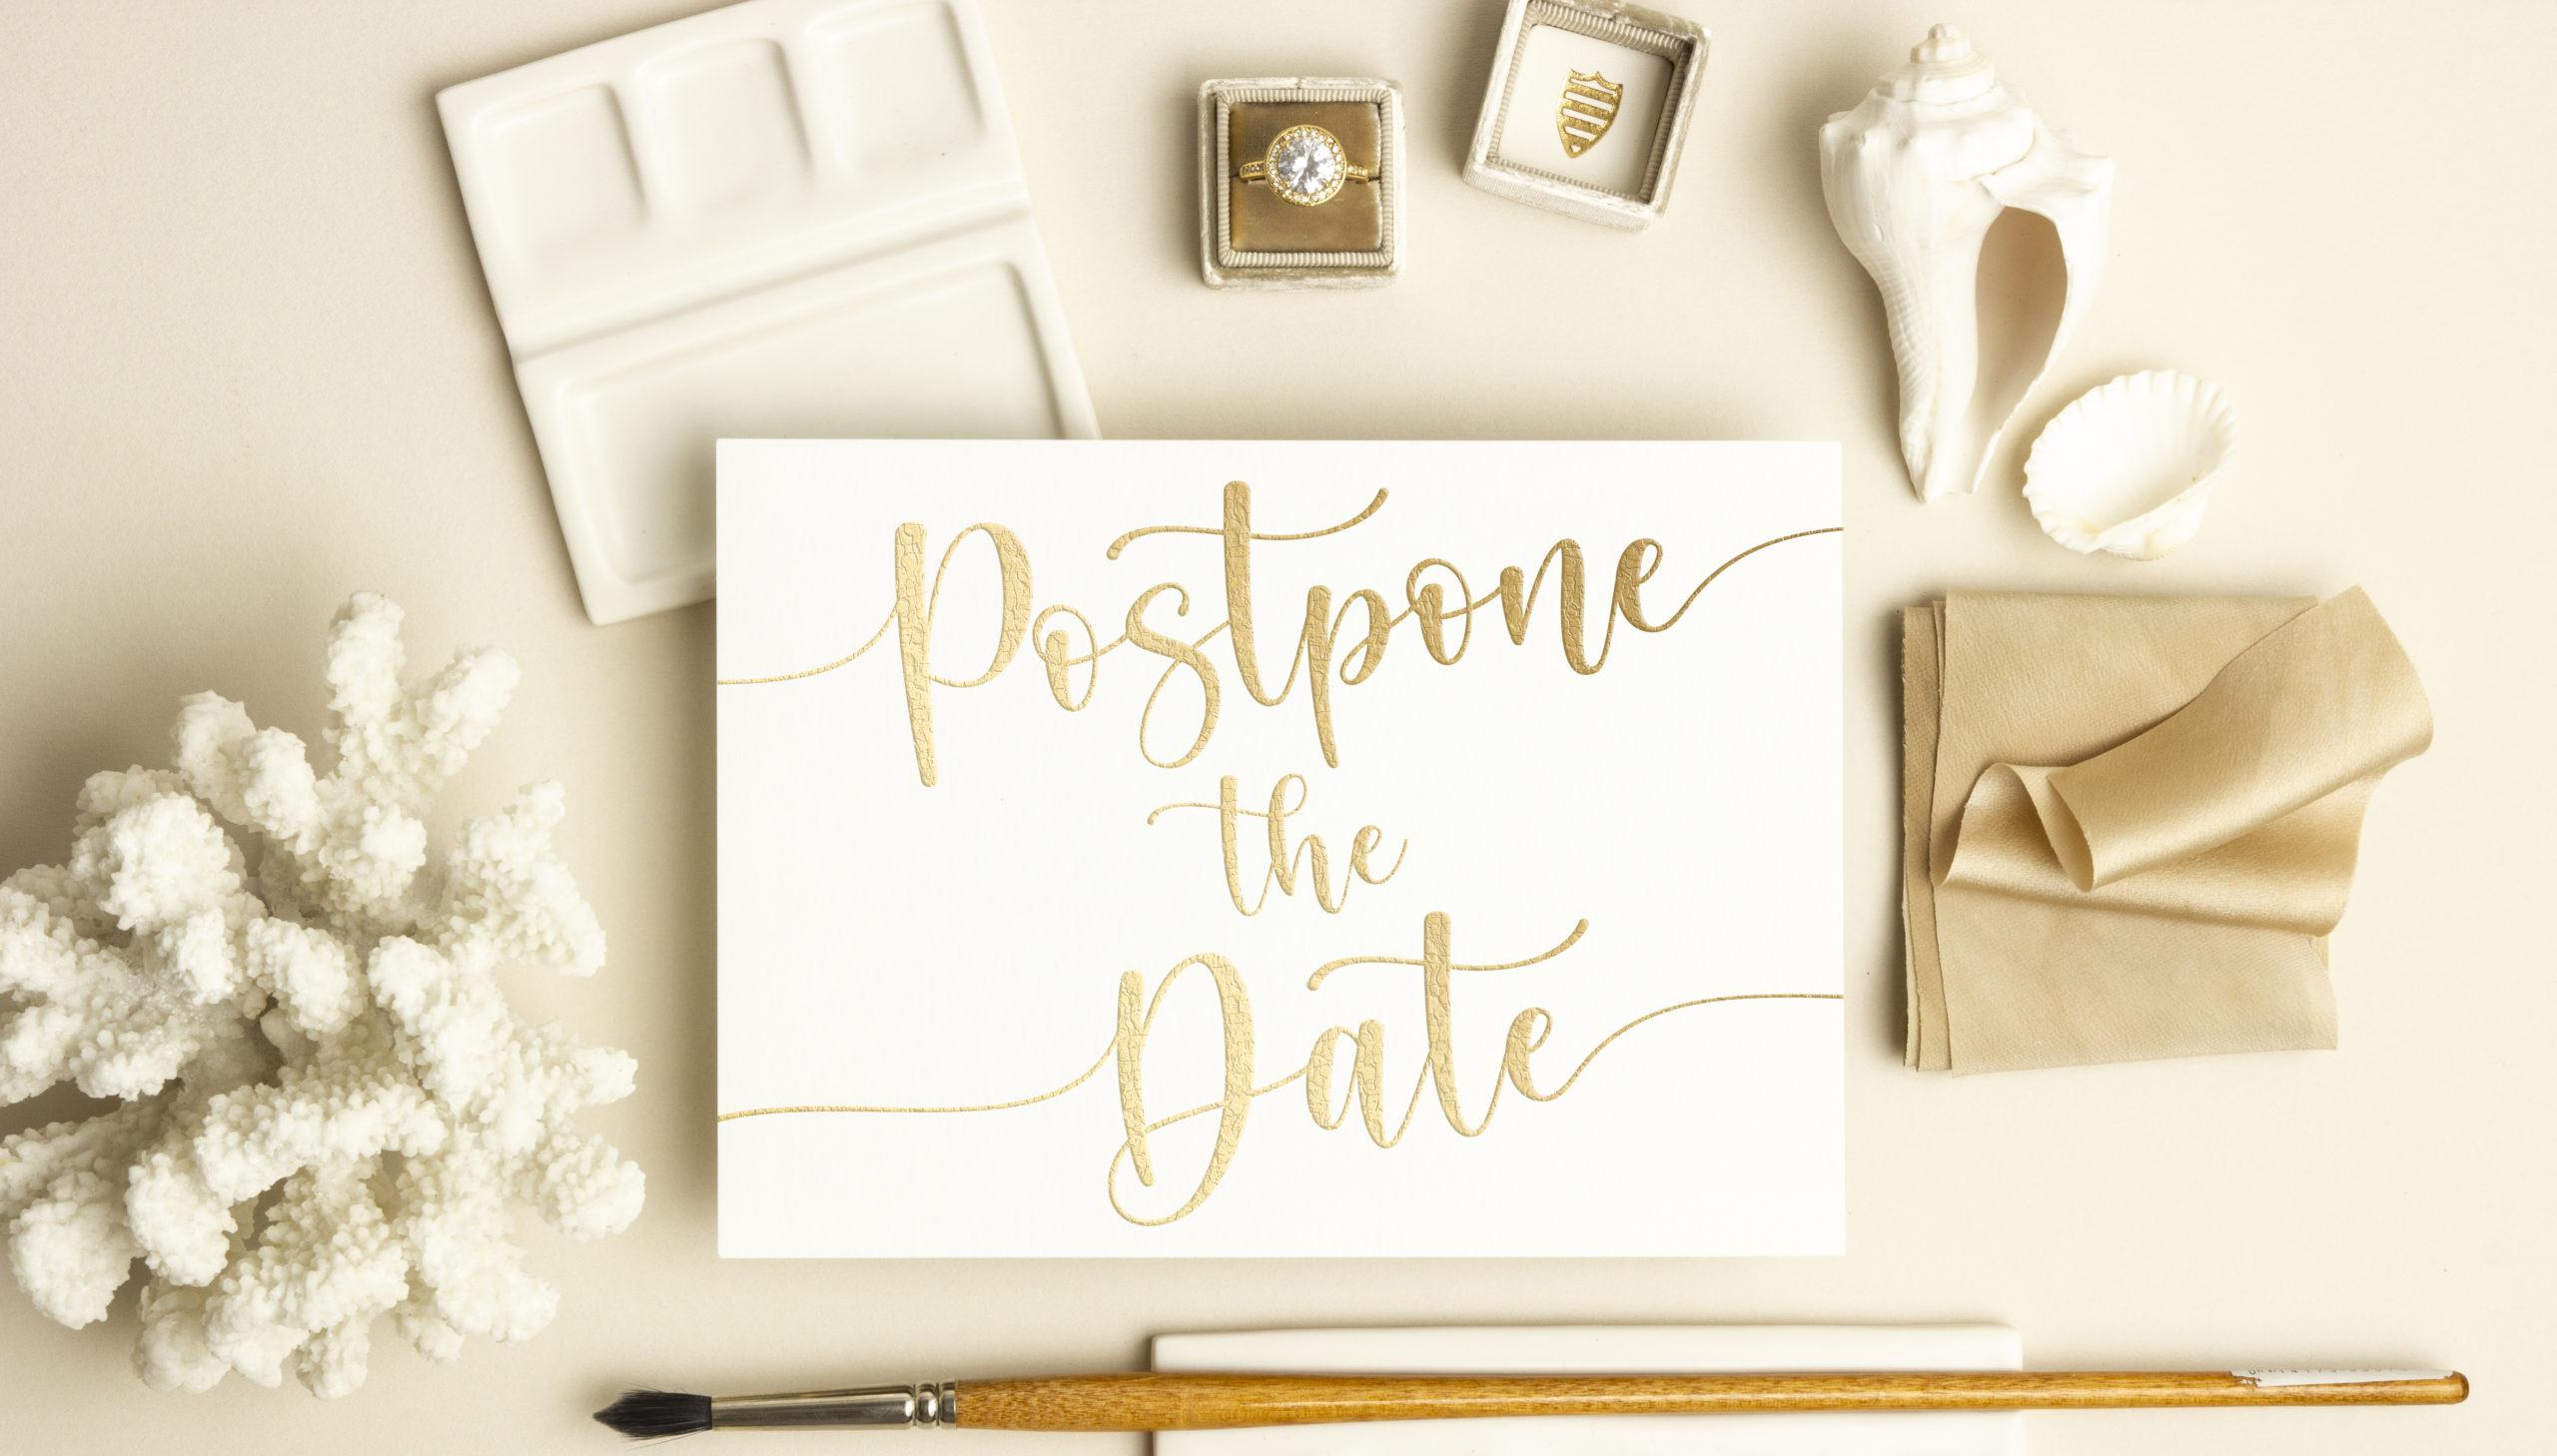 Postpone the Date